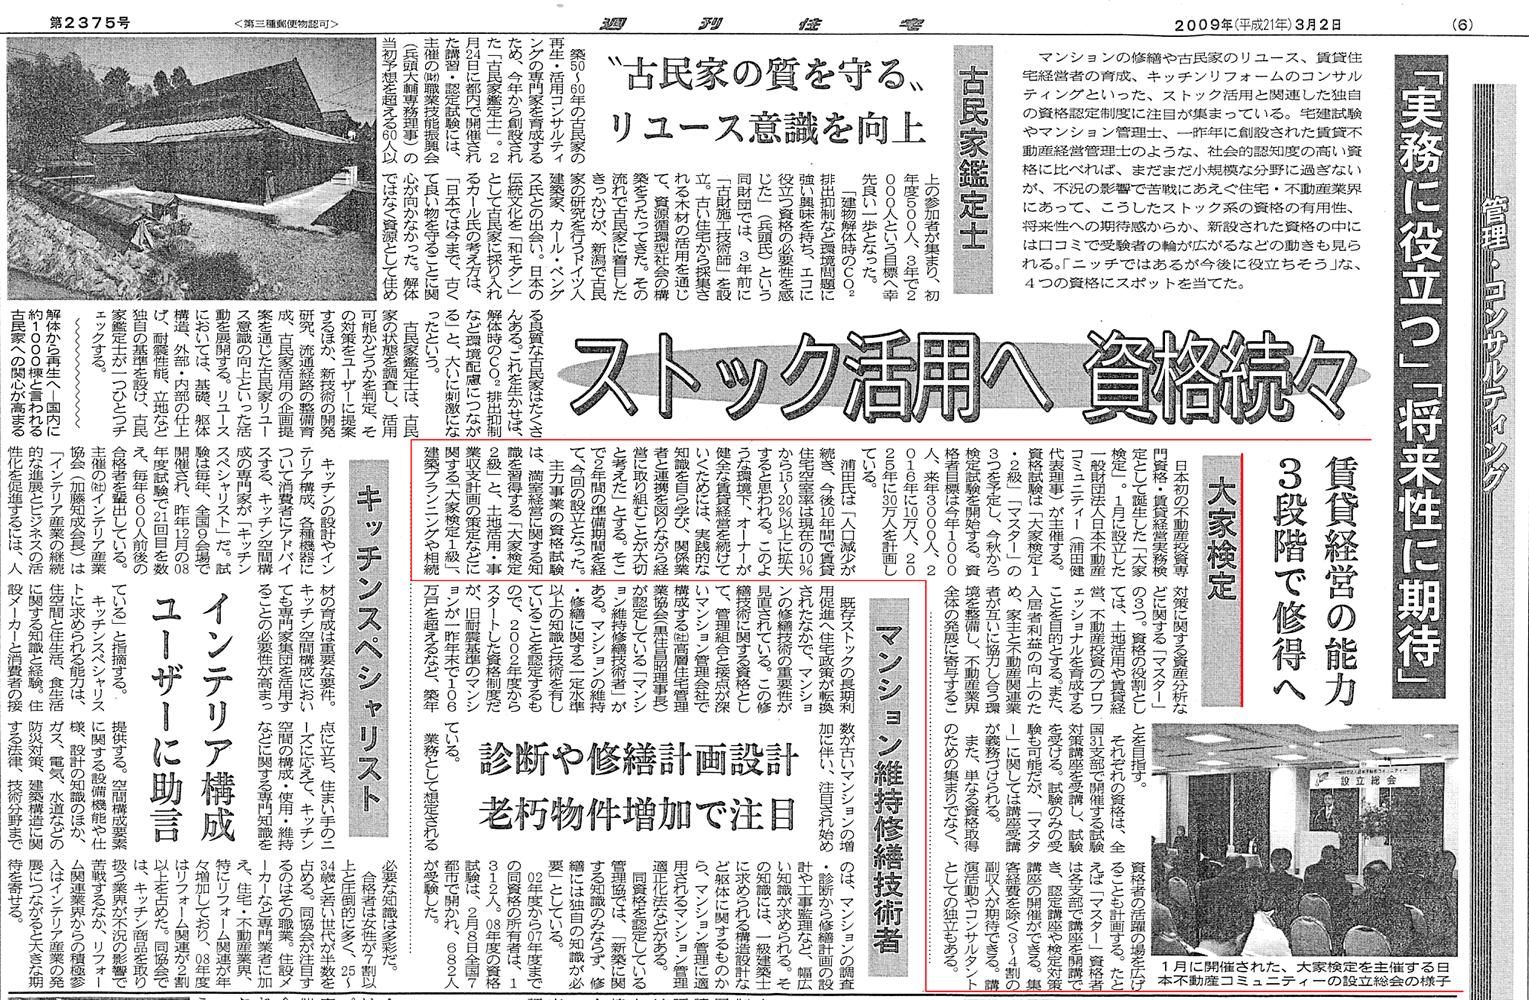 http://www.ooyakentei-tokyo.com/syukanjyutaku20090302.png